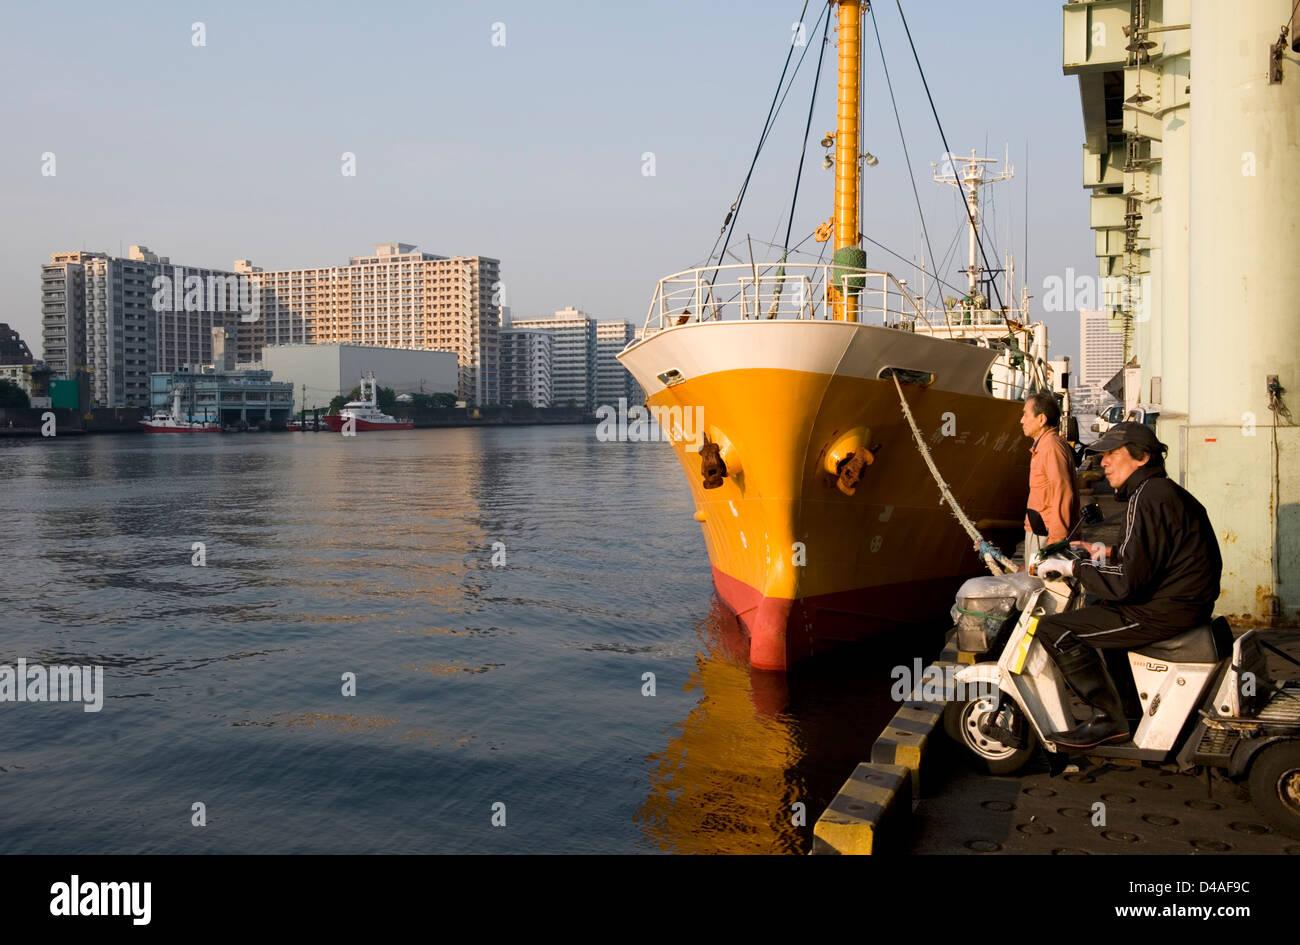 Fishing boat tied up at dock on Tokyo's Sumidagawa (Sumida River) at Tsukiji Wholesale Fish Market, world's - Stock Image